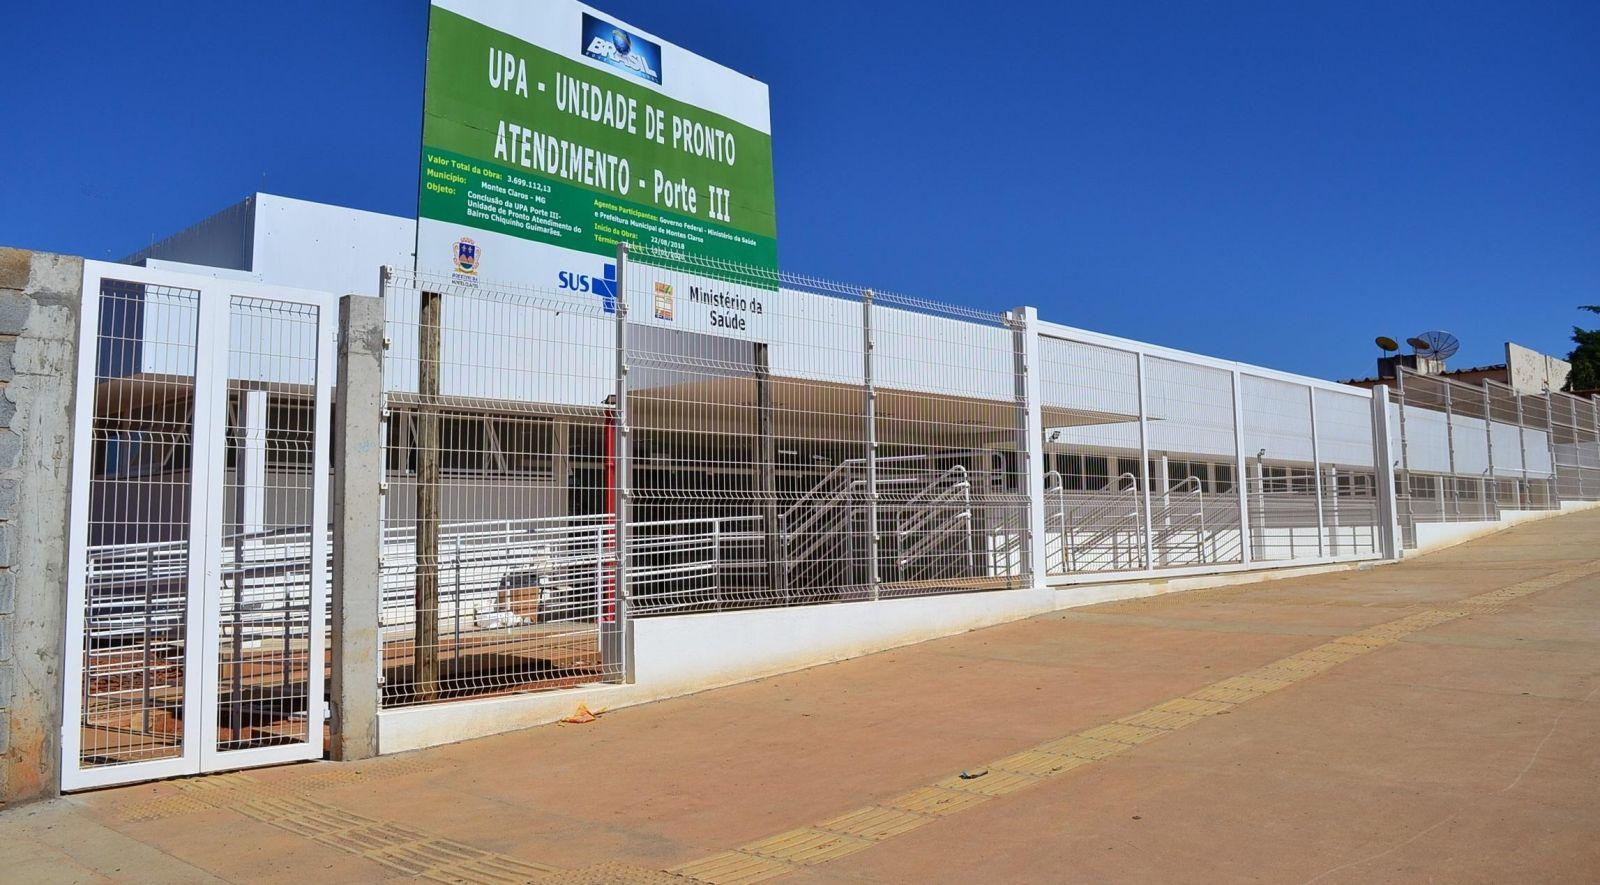 Imagem de destaque Prefeitura inaugura UPA do Chiquinho Guimarães